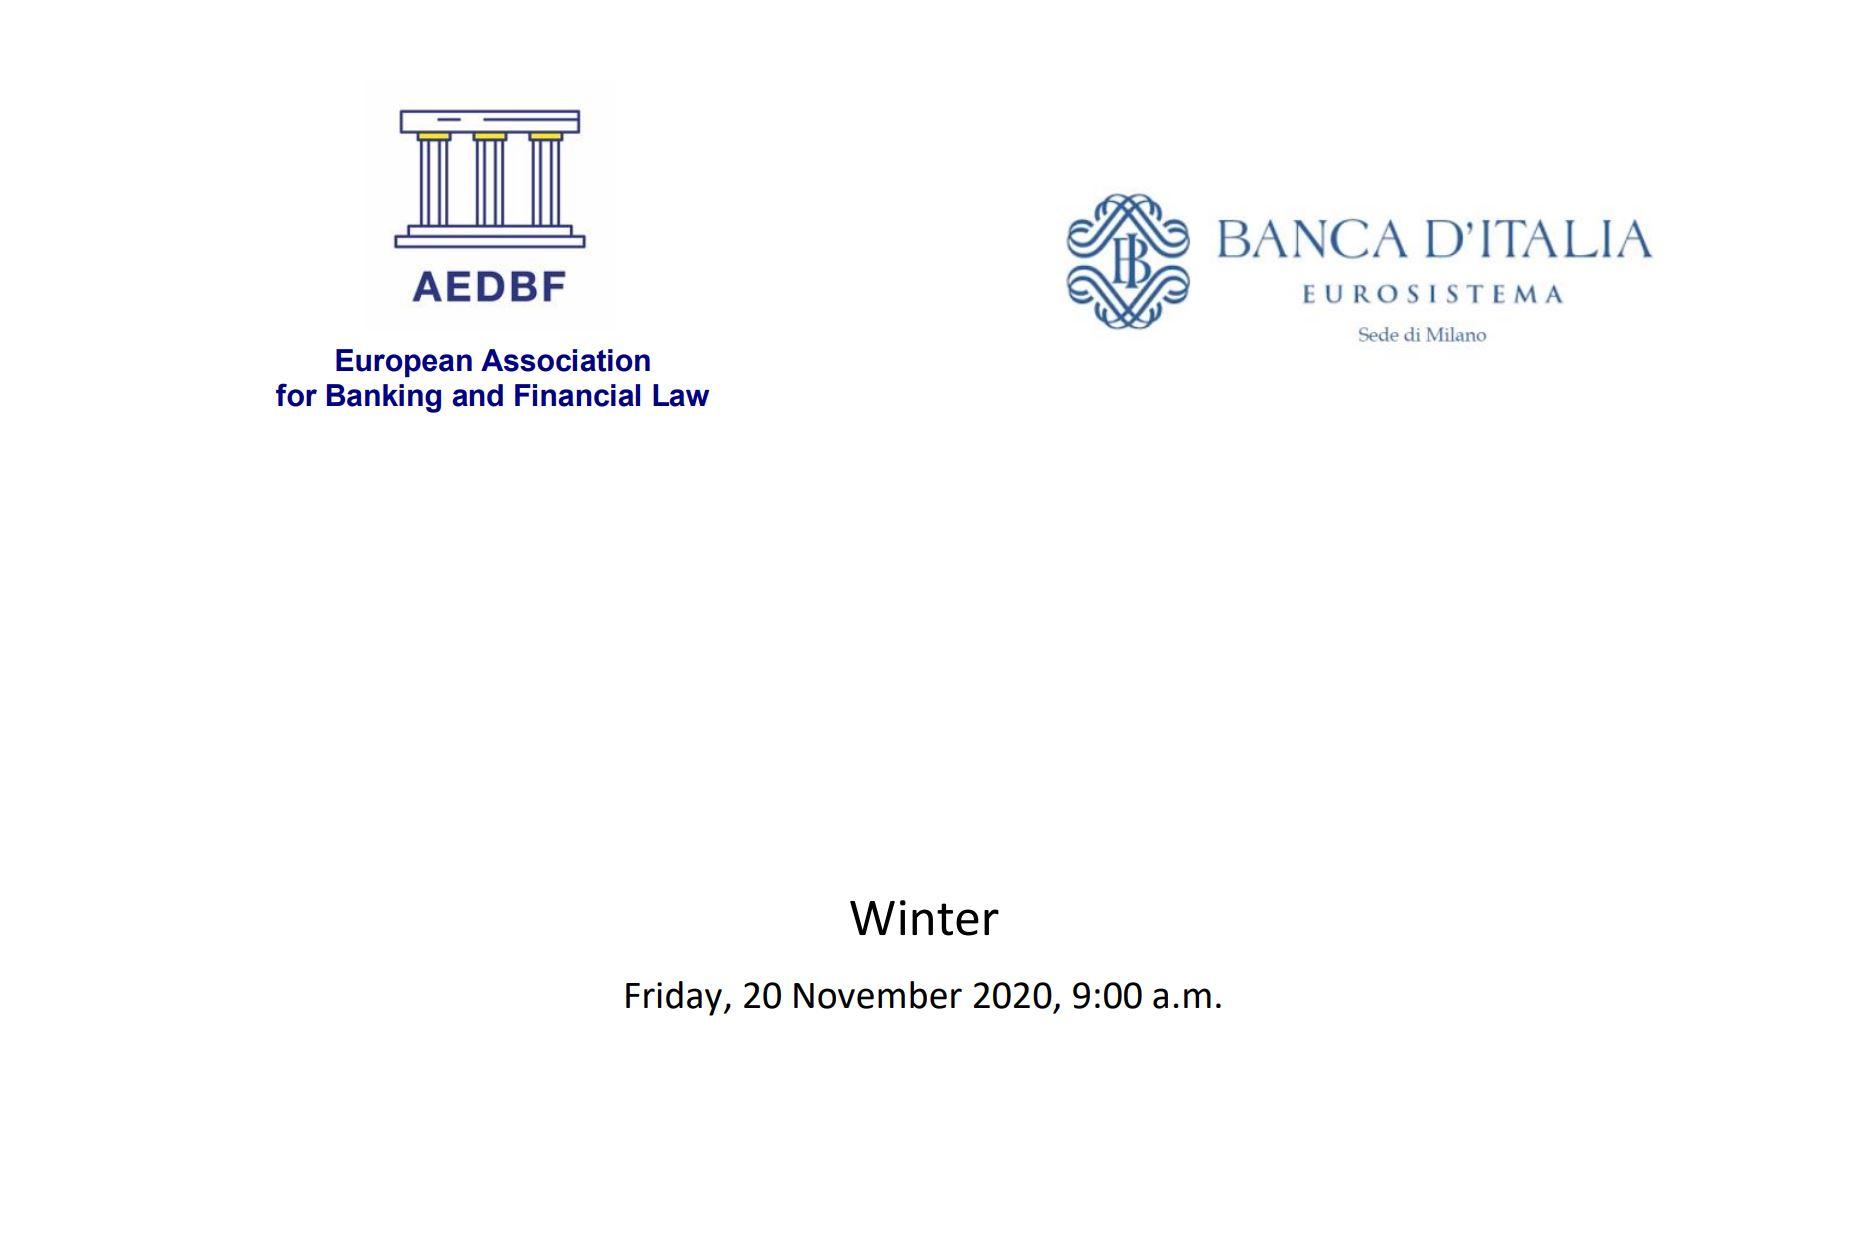 Convegno AEDBF 2020